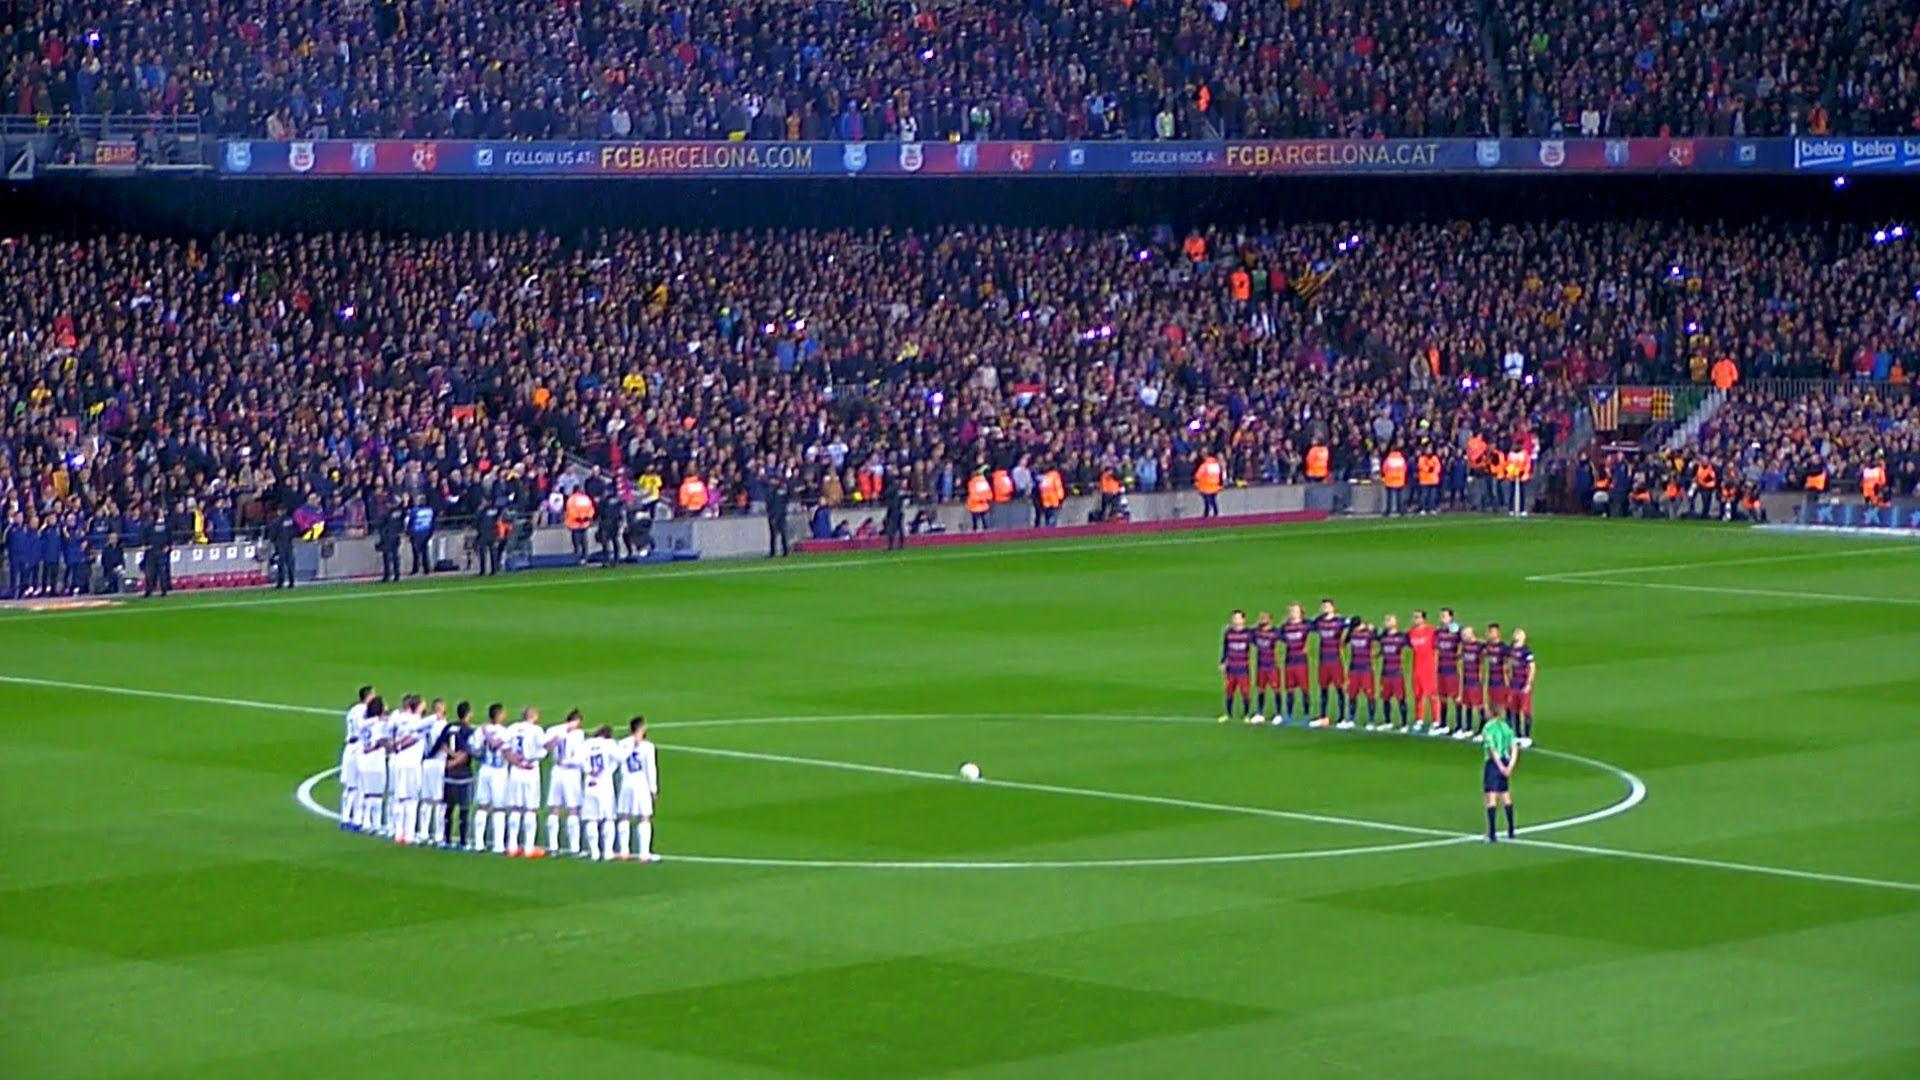 Barcelona Vs Real Madrid 1 2 Full Match Highlights 02 04 2016